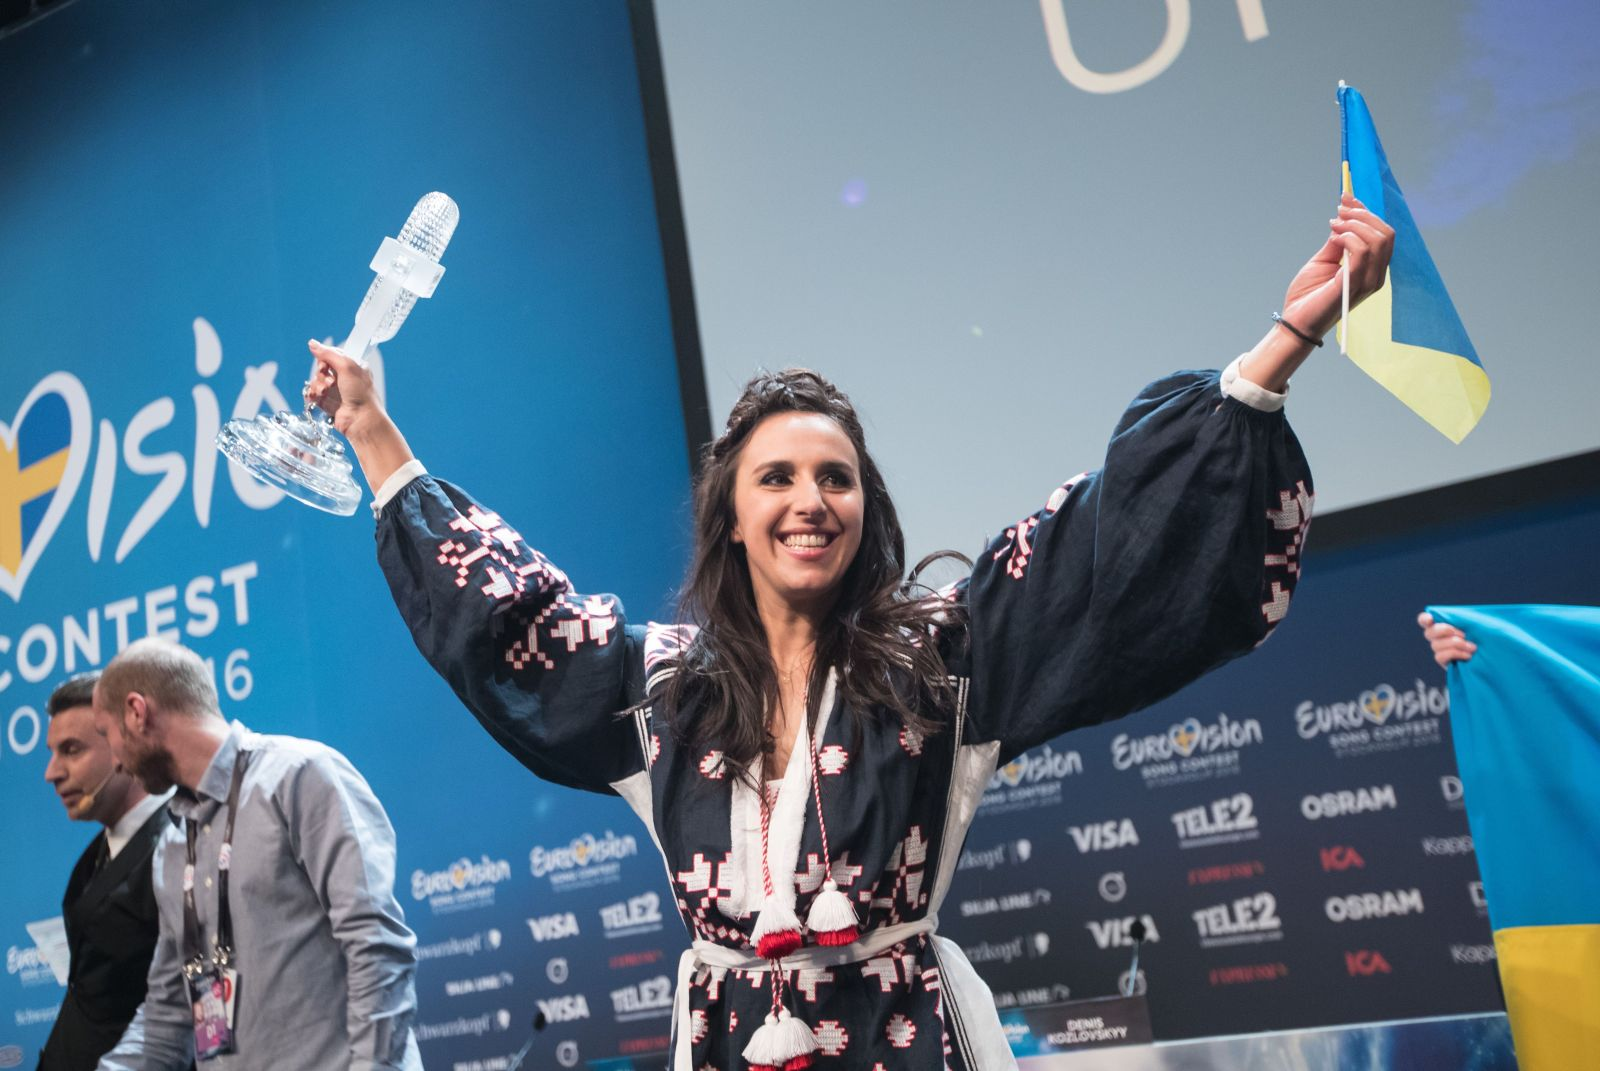 Эмоциональная наша: лучшие моменты с Джамалой на финале Евровидения 2016